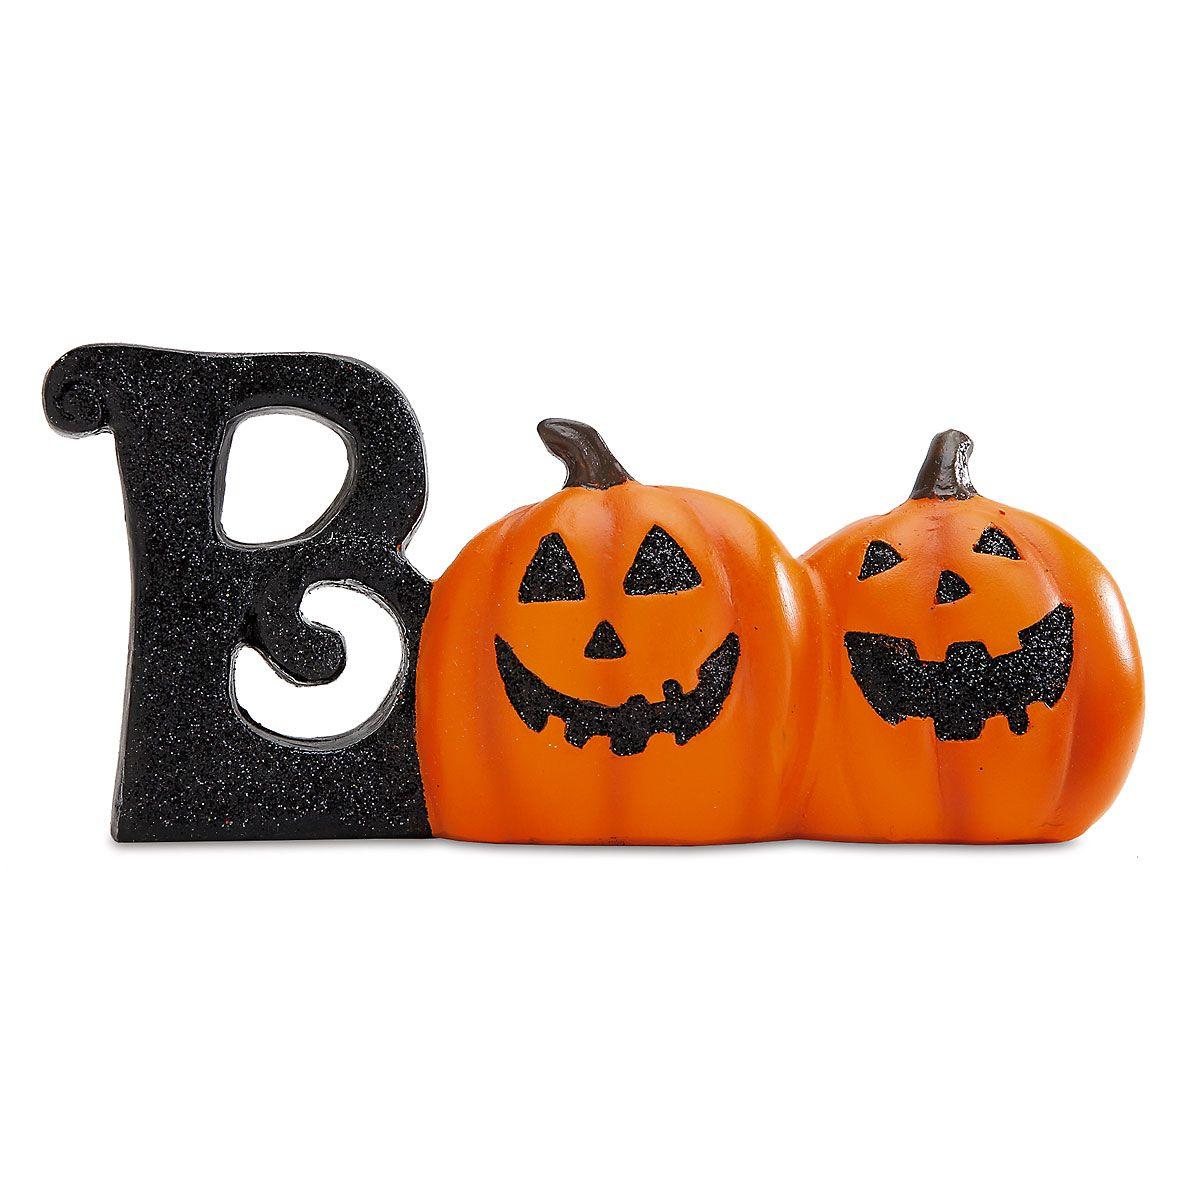 BOO Halloween Décor